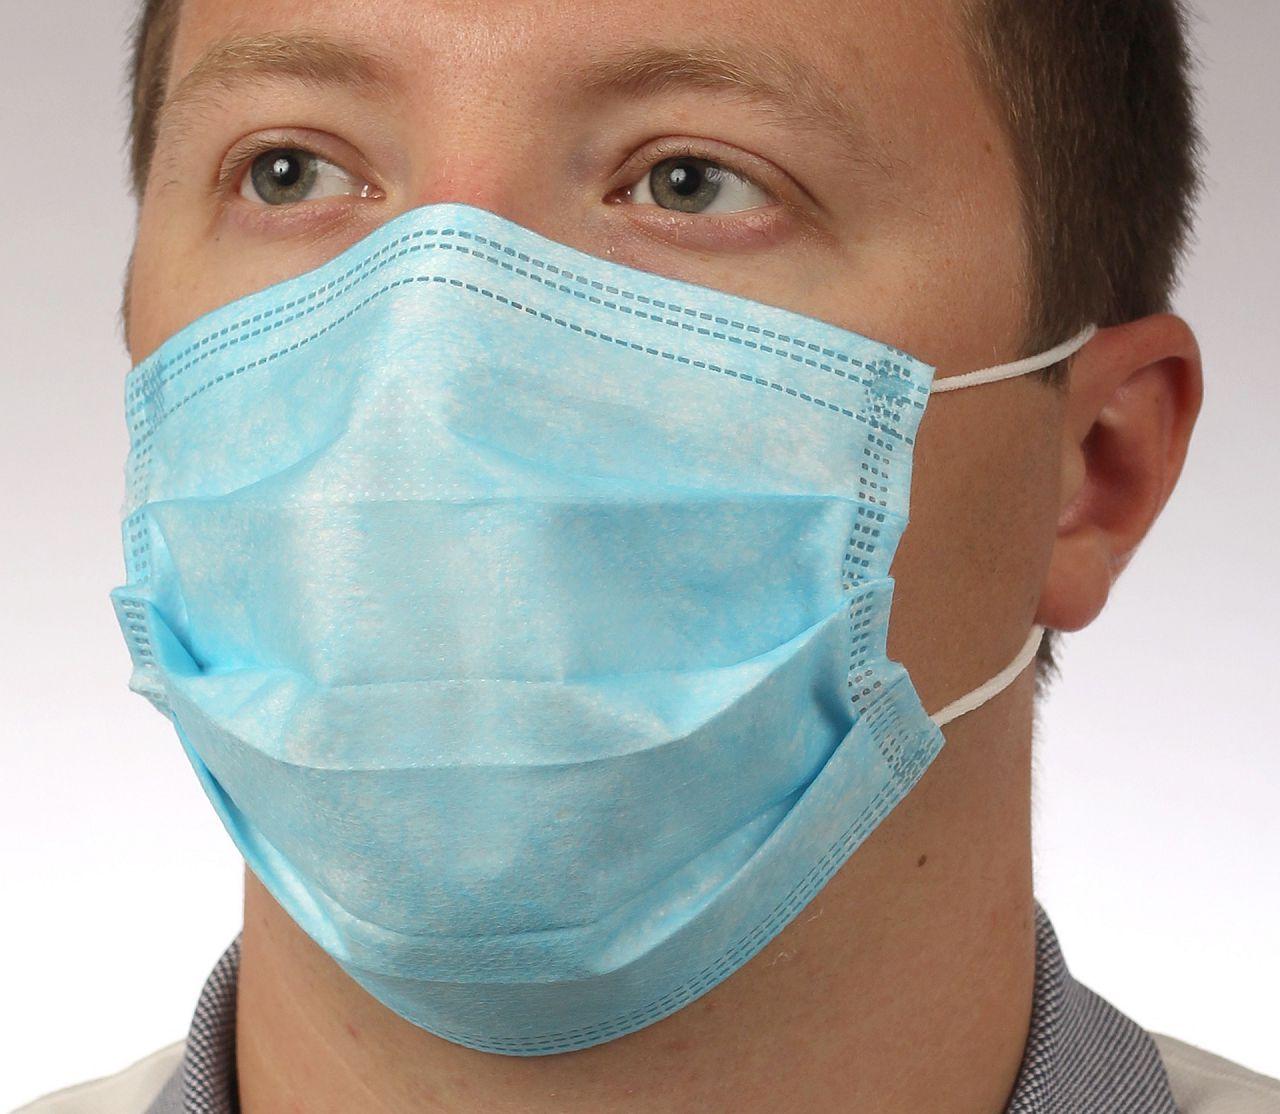 Обязательно использовать респираторную маску при вакцинации